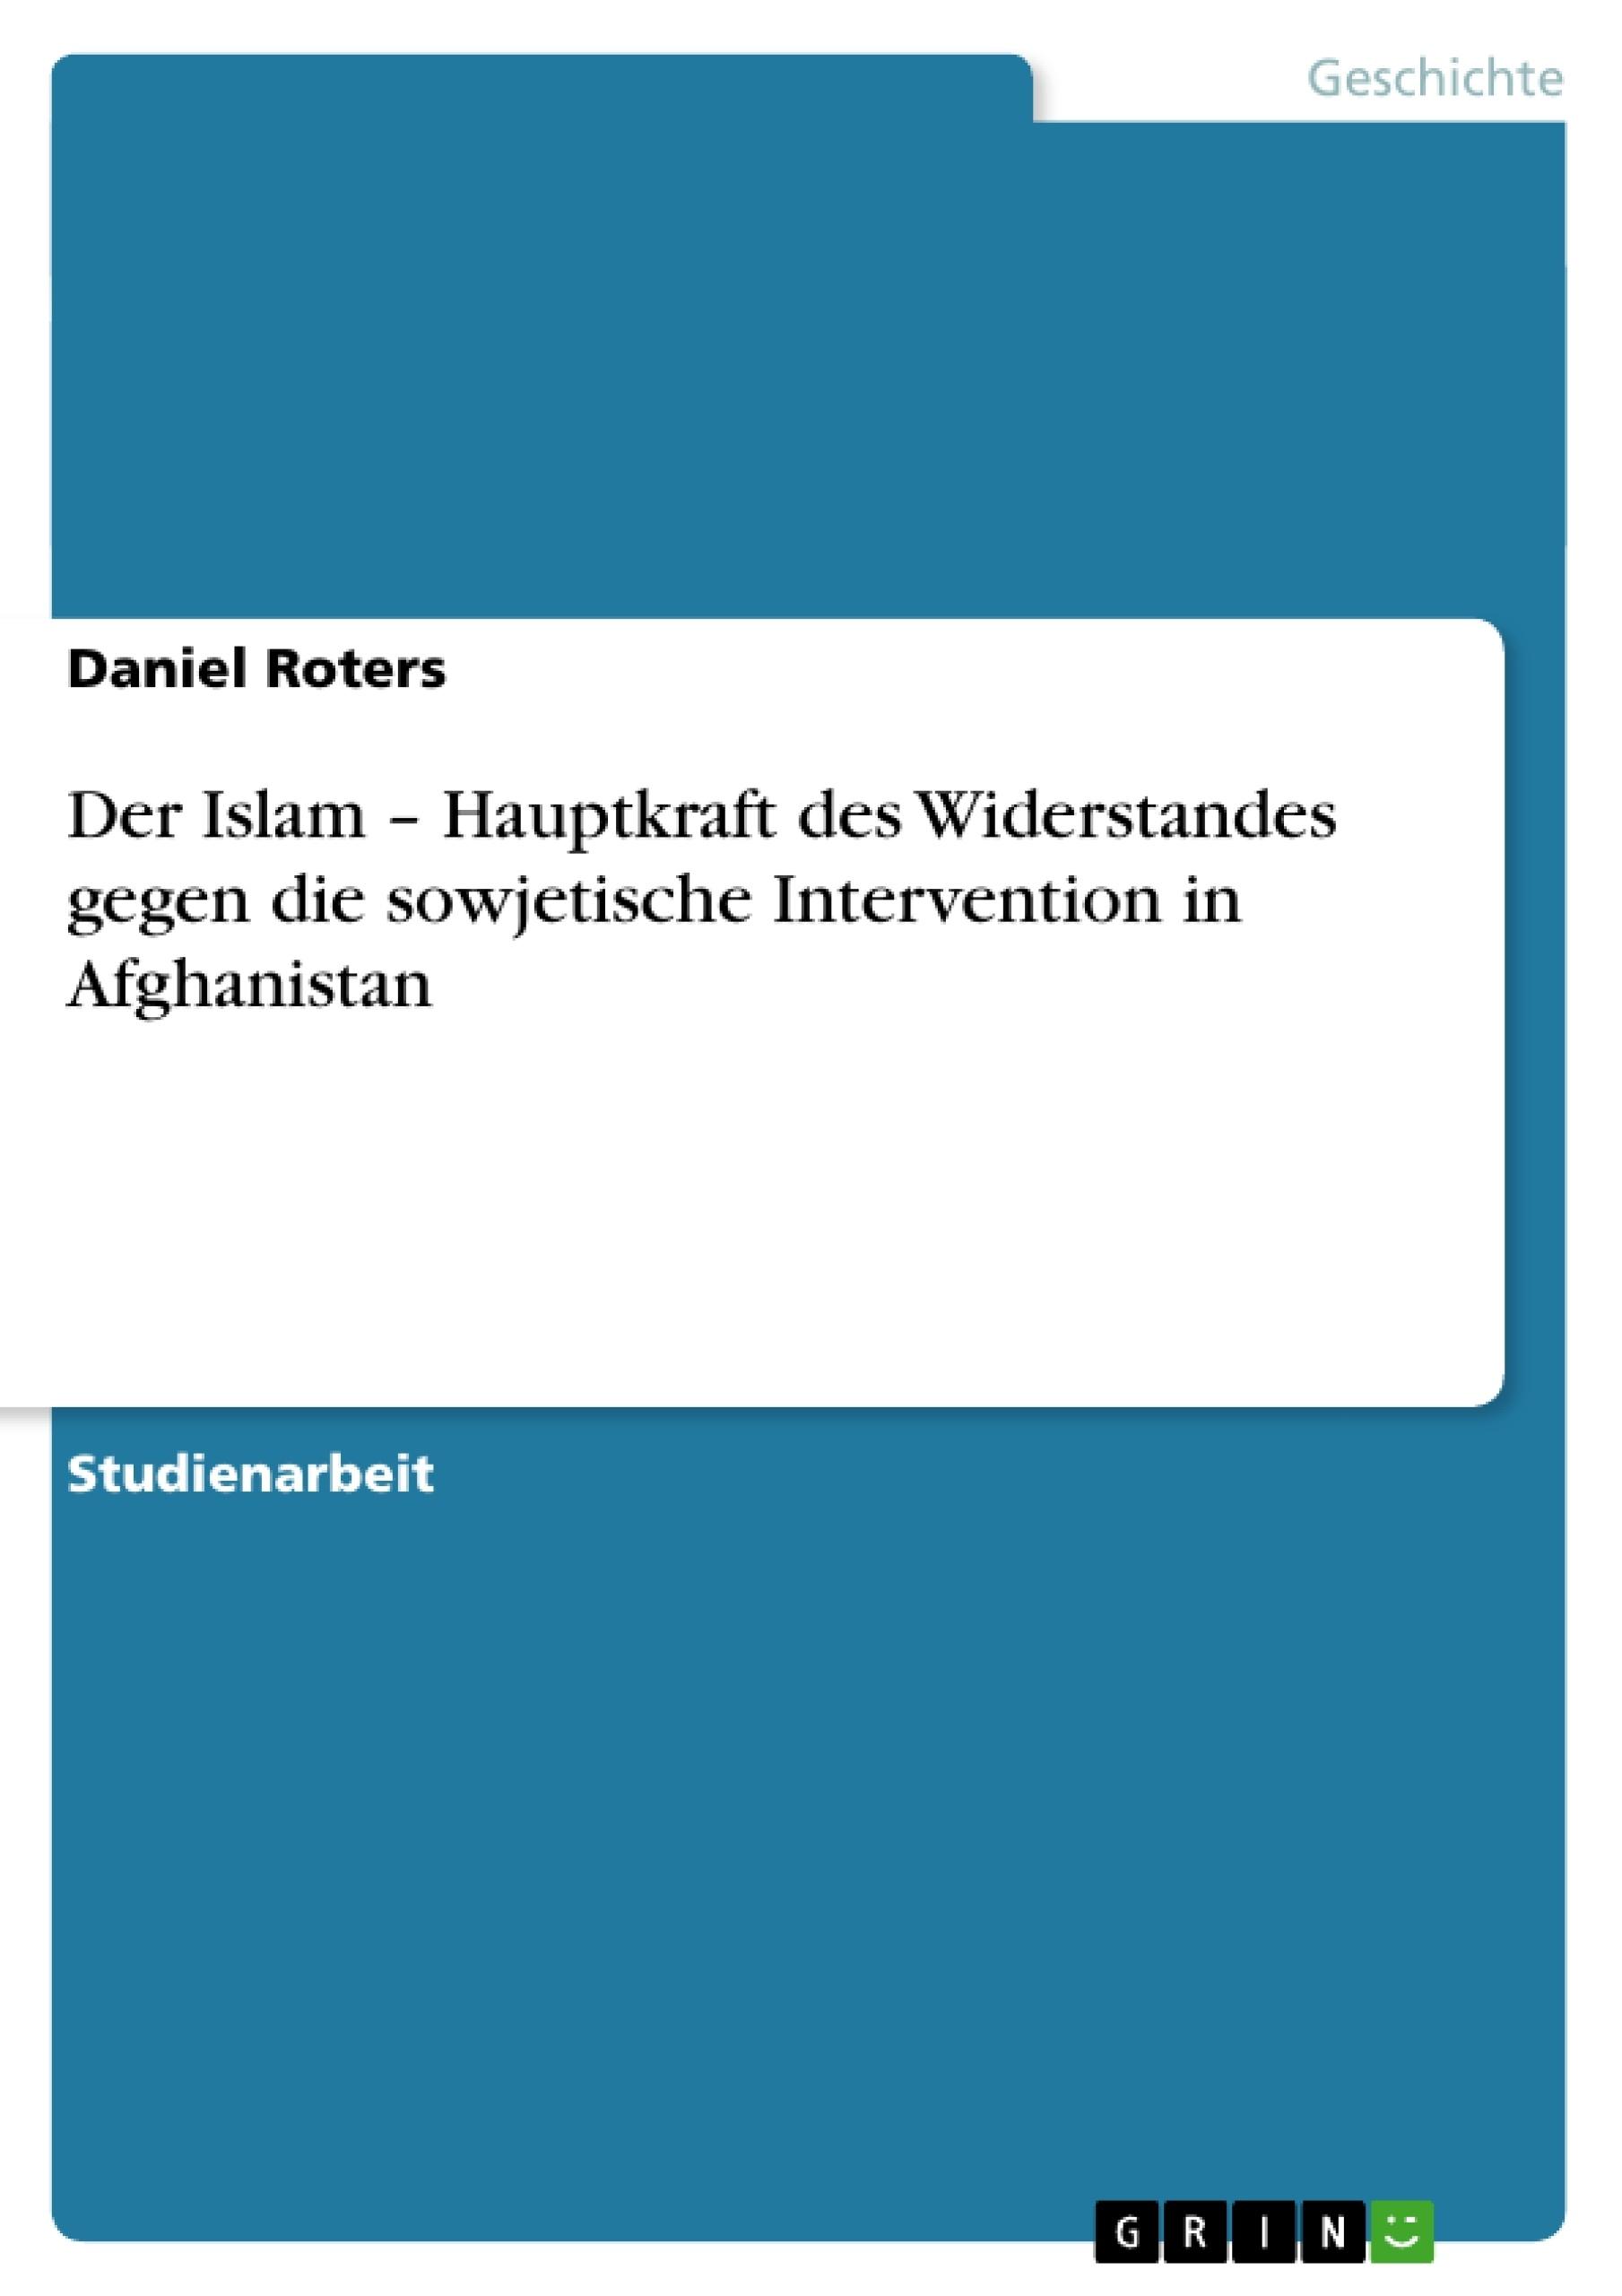 Titel: Der Islam – Hauptkraft des Widerstandes gegen die sowjetische Intervention in Afghanistan